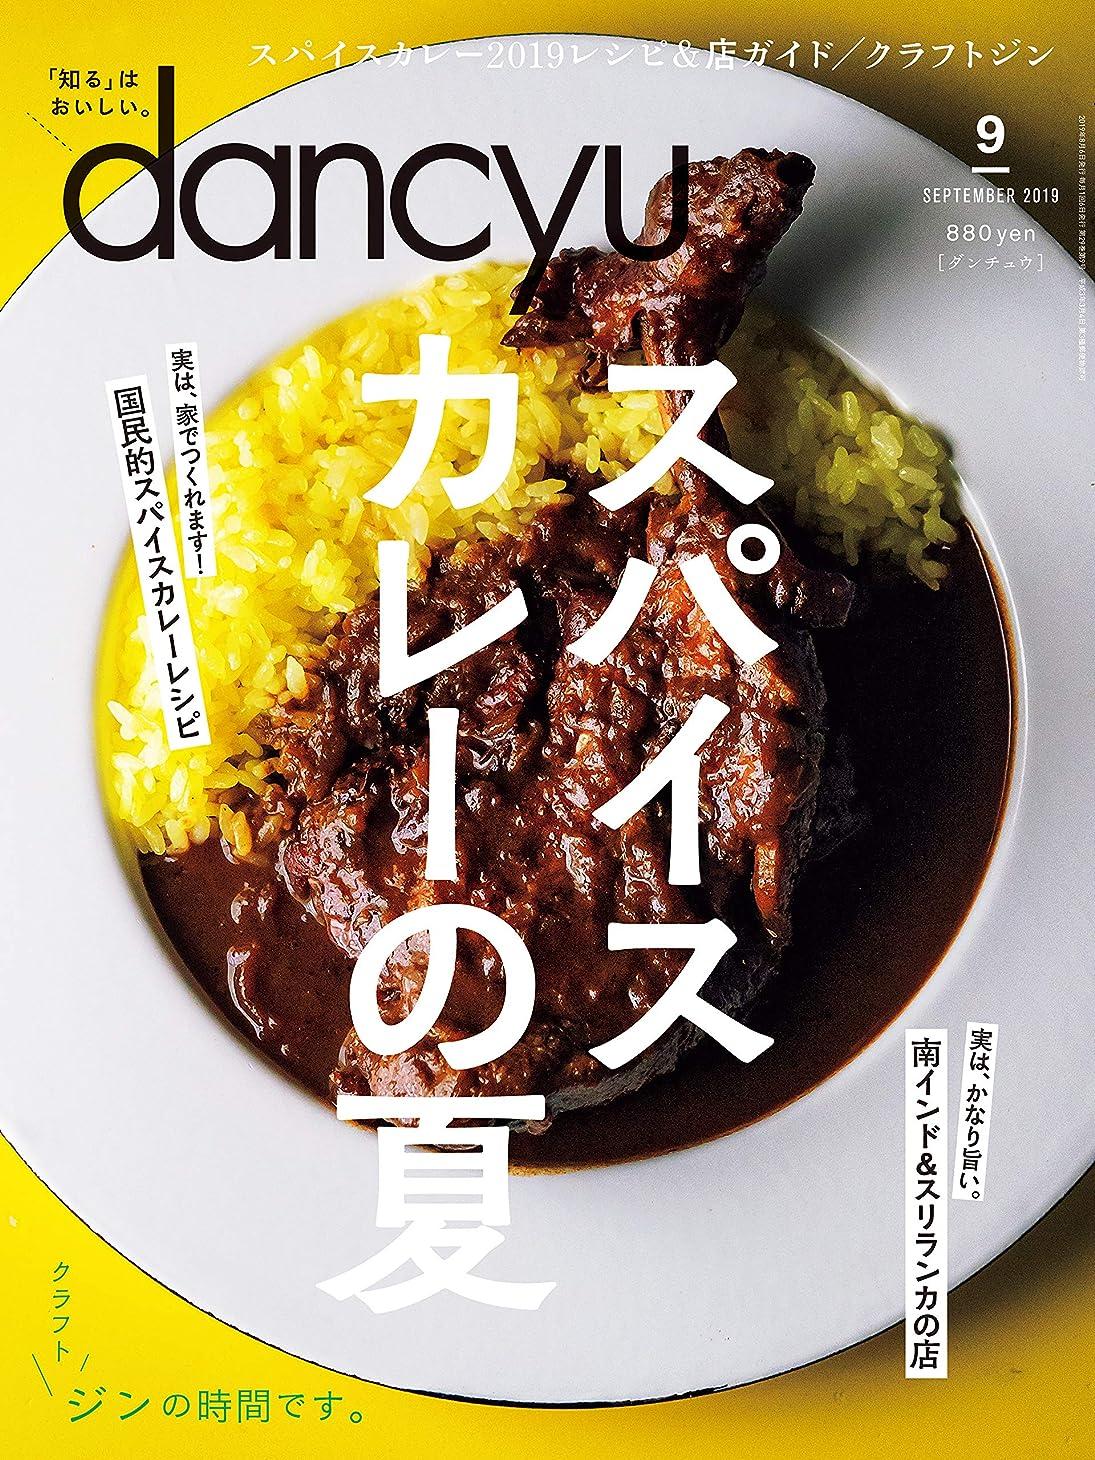 百科事典疑い者叙情的なdancyu (ダンチュウ) 2019年 9月号 [雑誌]